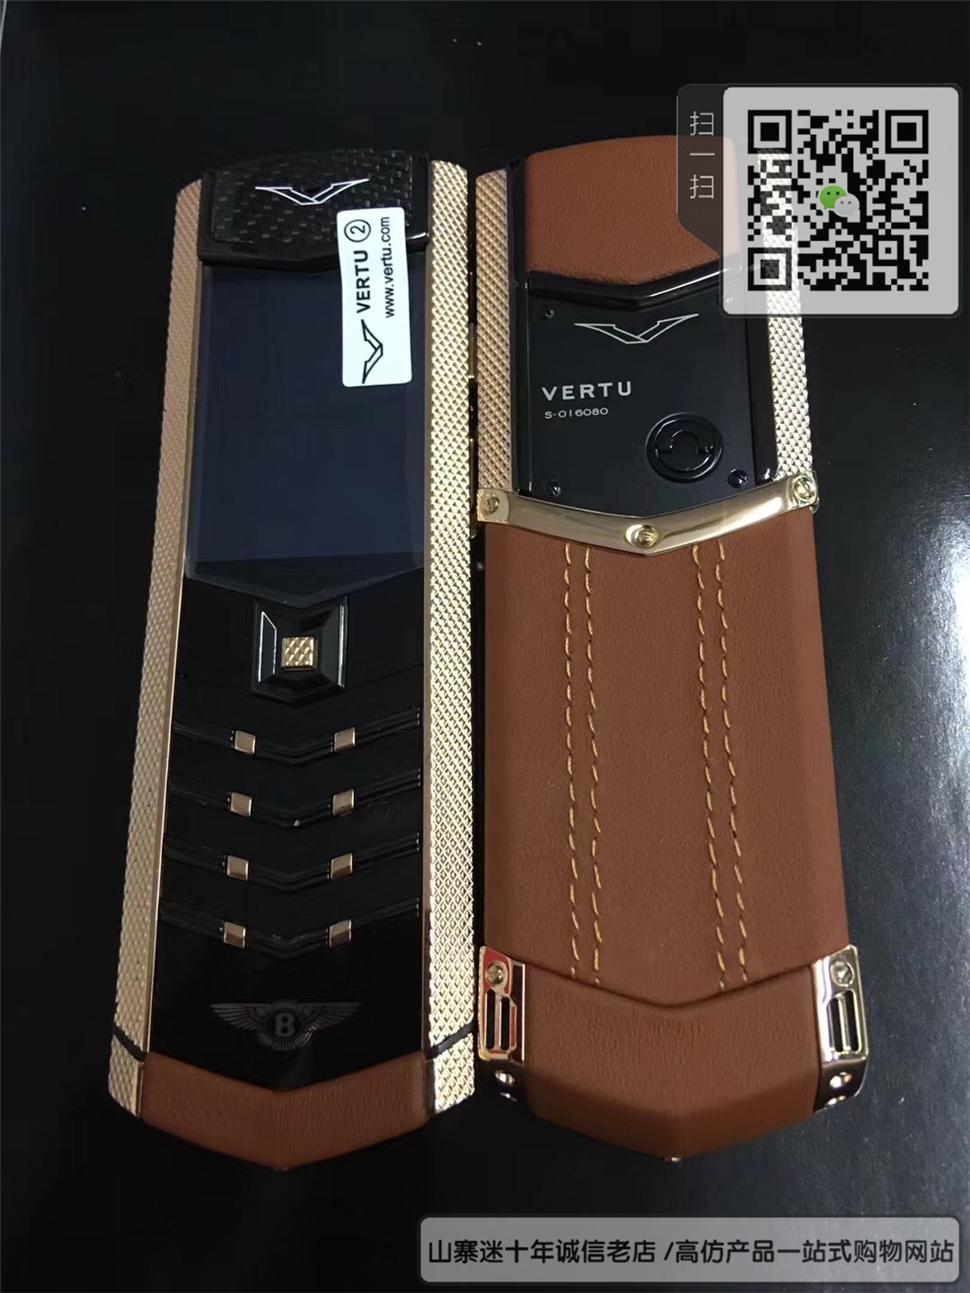 精仿威图总裁签名版手机 - 橙色+黑色+玫瑰金色 - 小牛皮- 巴黎螺纹钉+隐藏键盘图片